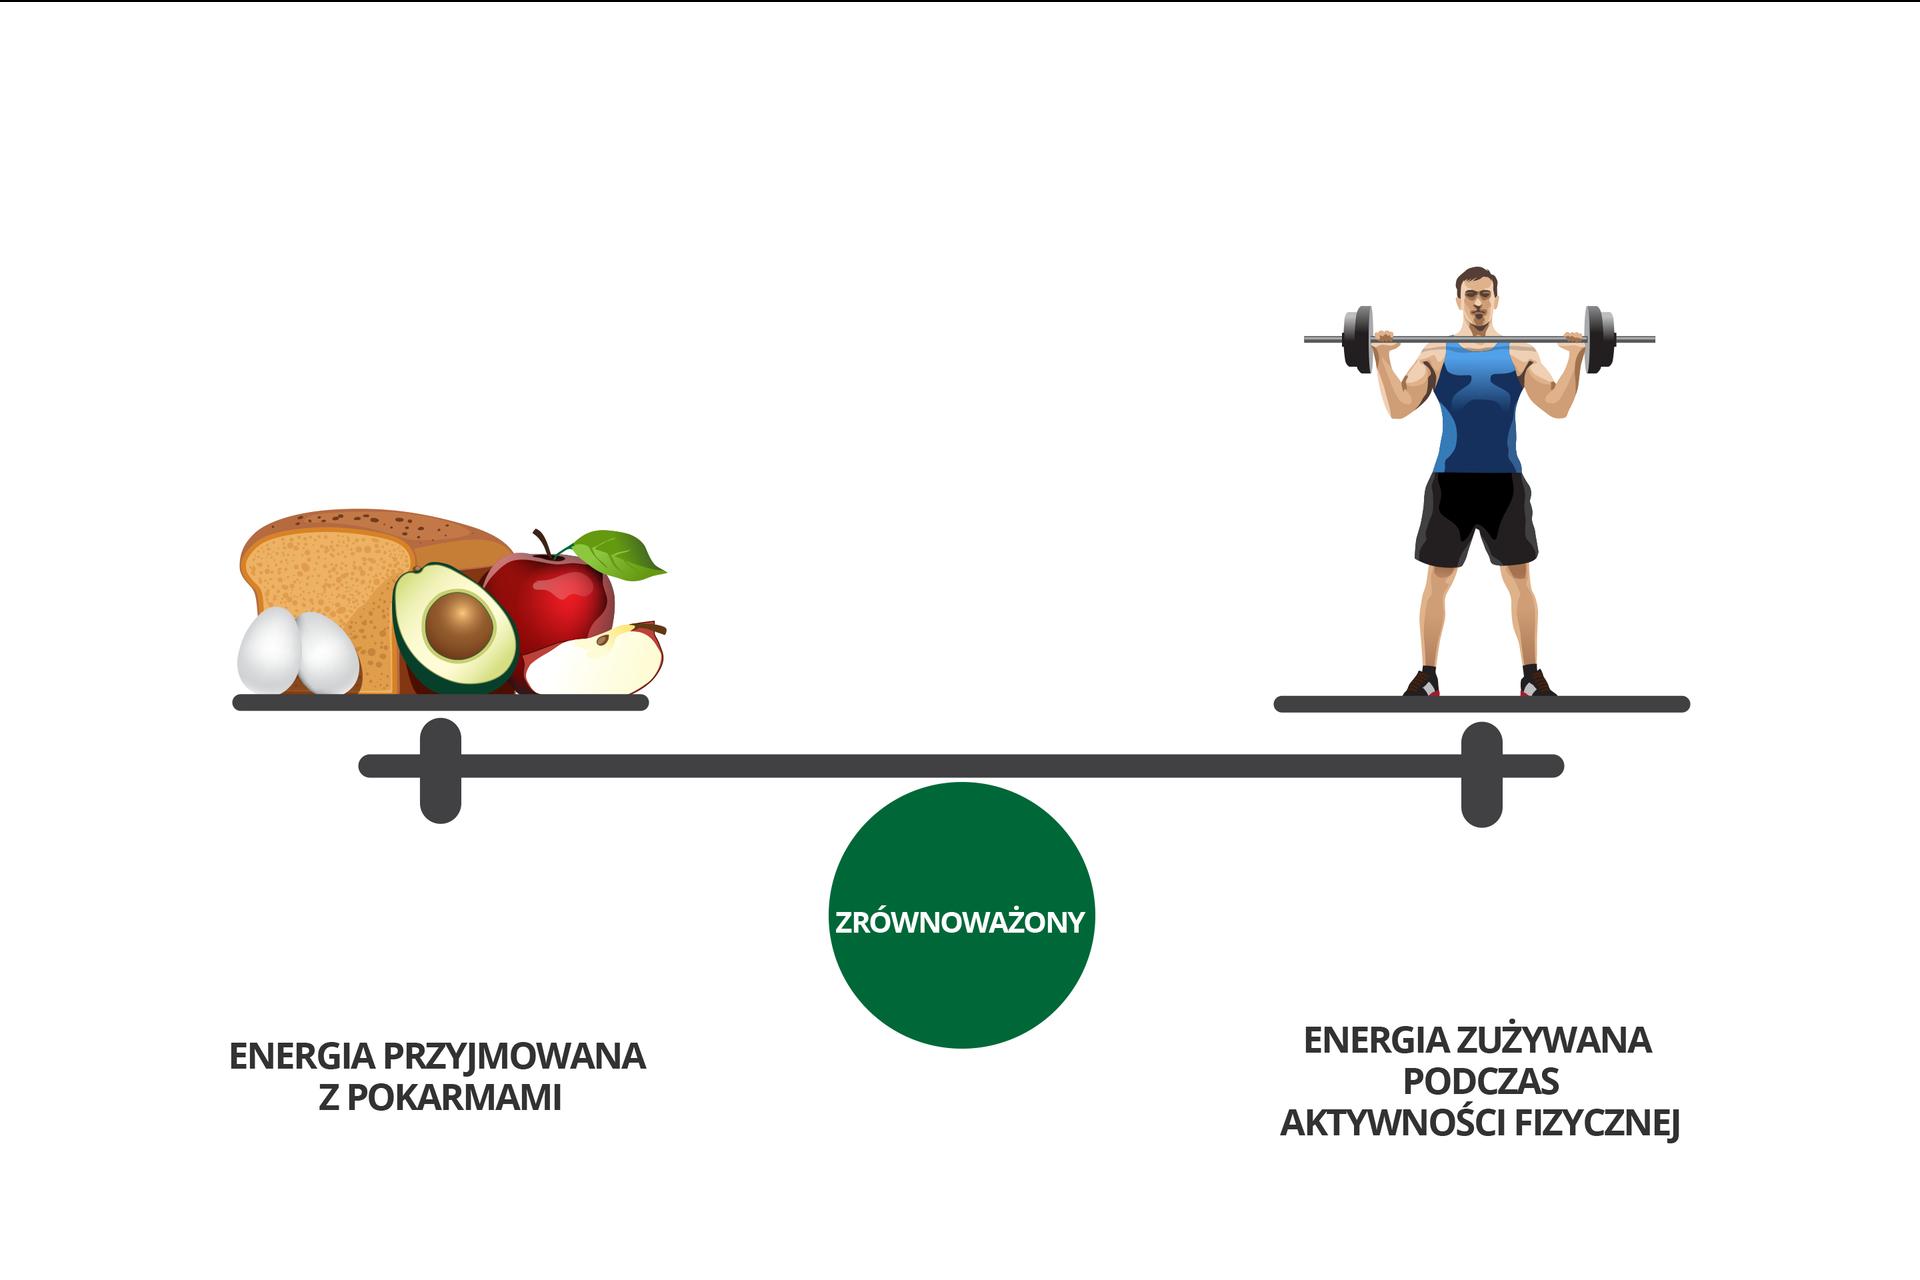 Wgalerii znajdują się plansze, dotyczące bilansowania energii. Rysunek przedstawia poziomo belkę wagi na zielonym kole znapisem: zrównoważony. Zlewej na szali produkty spożywcze: chleb, 2 jajka, kiwi, jabłka. Podpis: energia przyjmowana zpokarmami. Zprawej postać atlety ze sztangą. Podpis: energia zużywana podczas aktywności fizycznej.